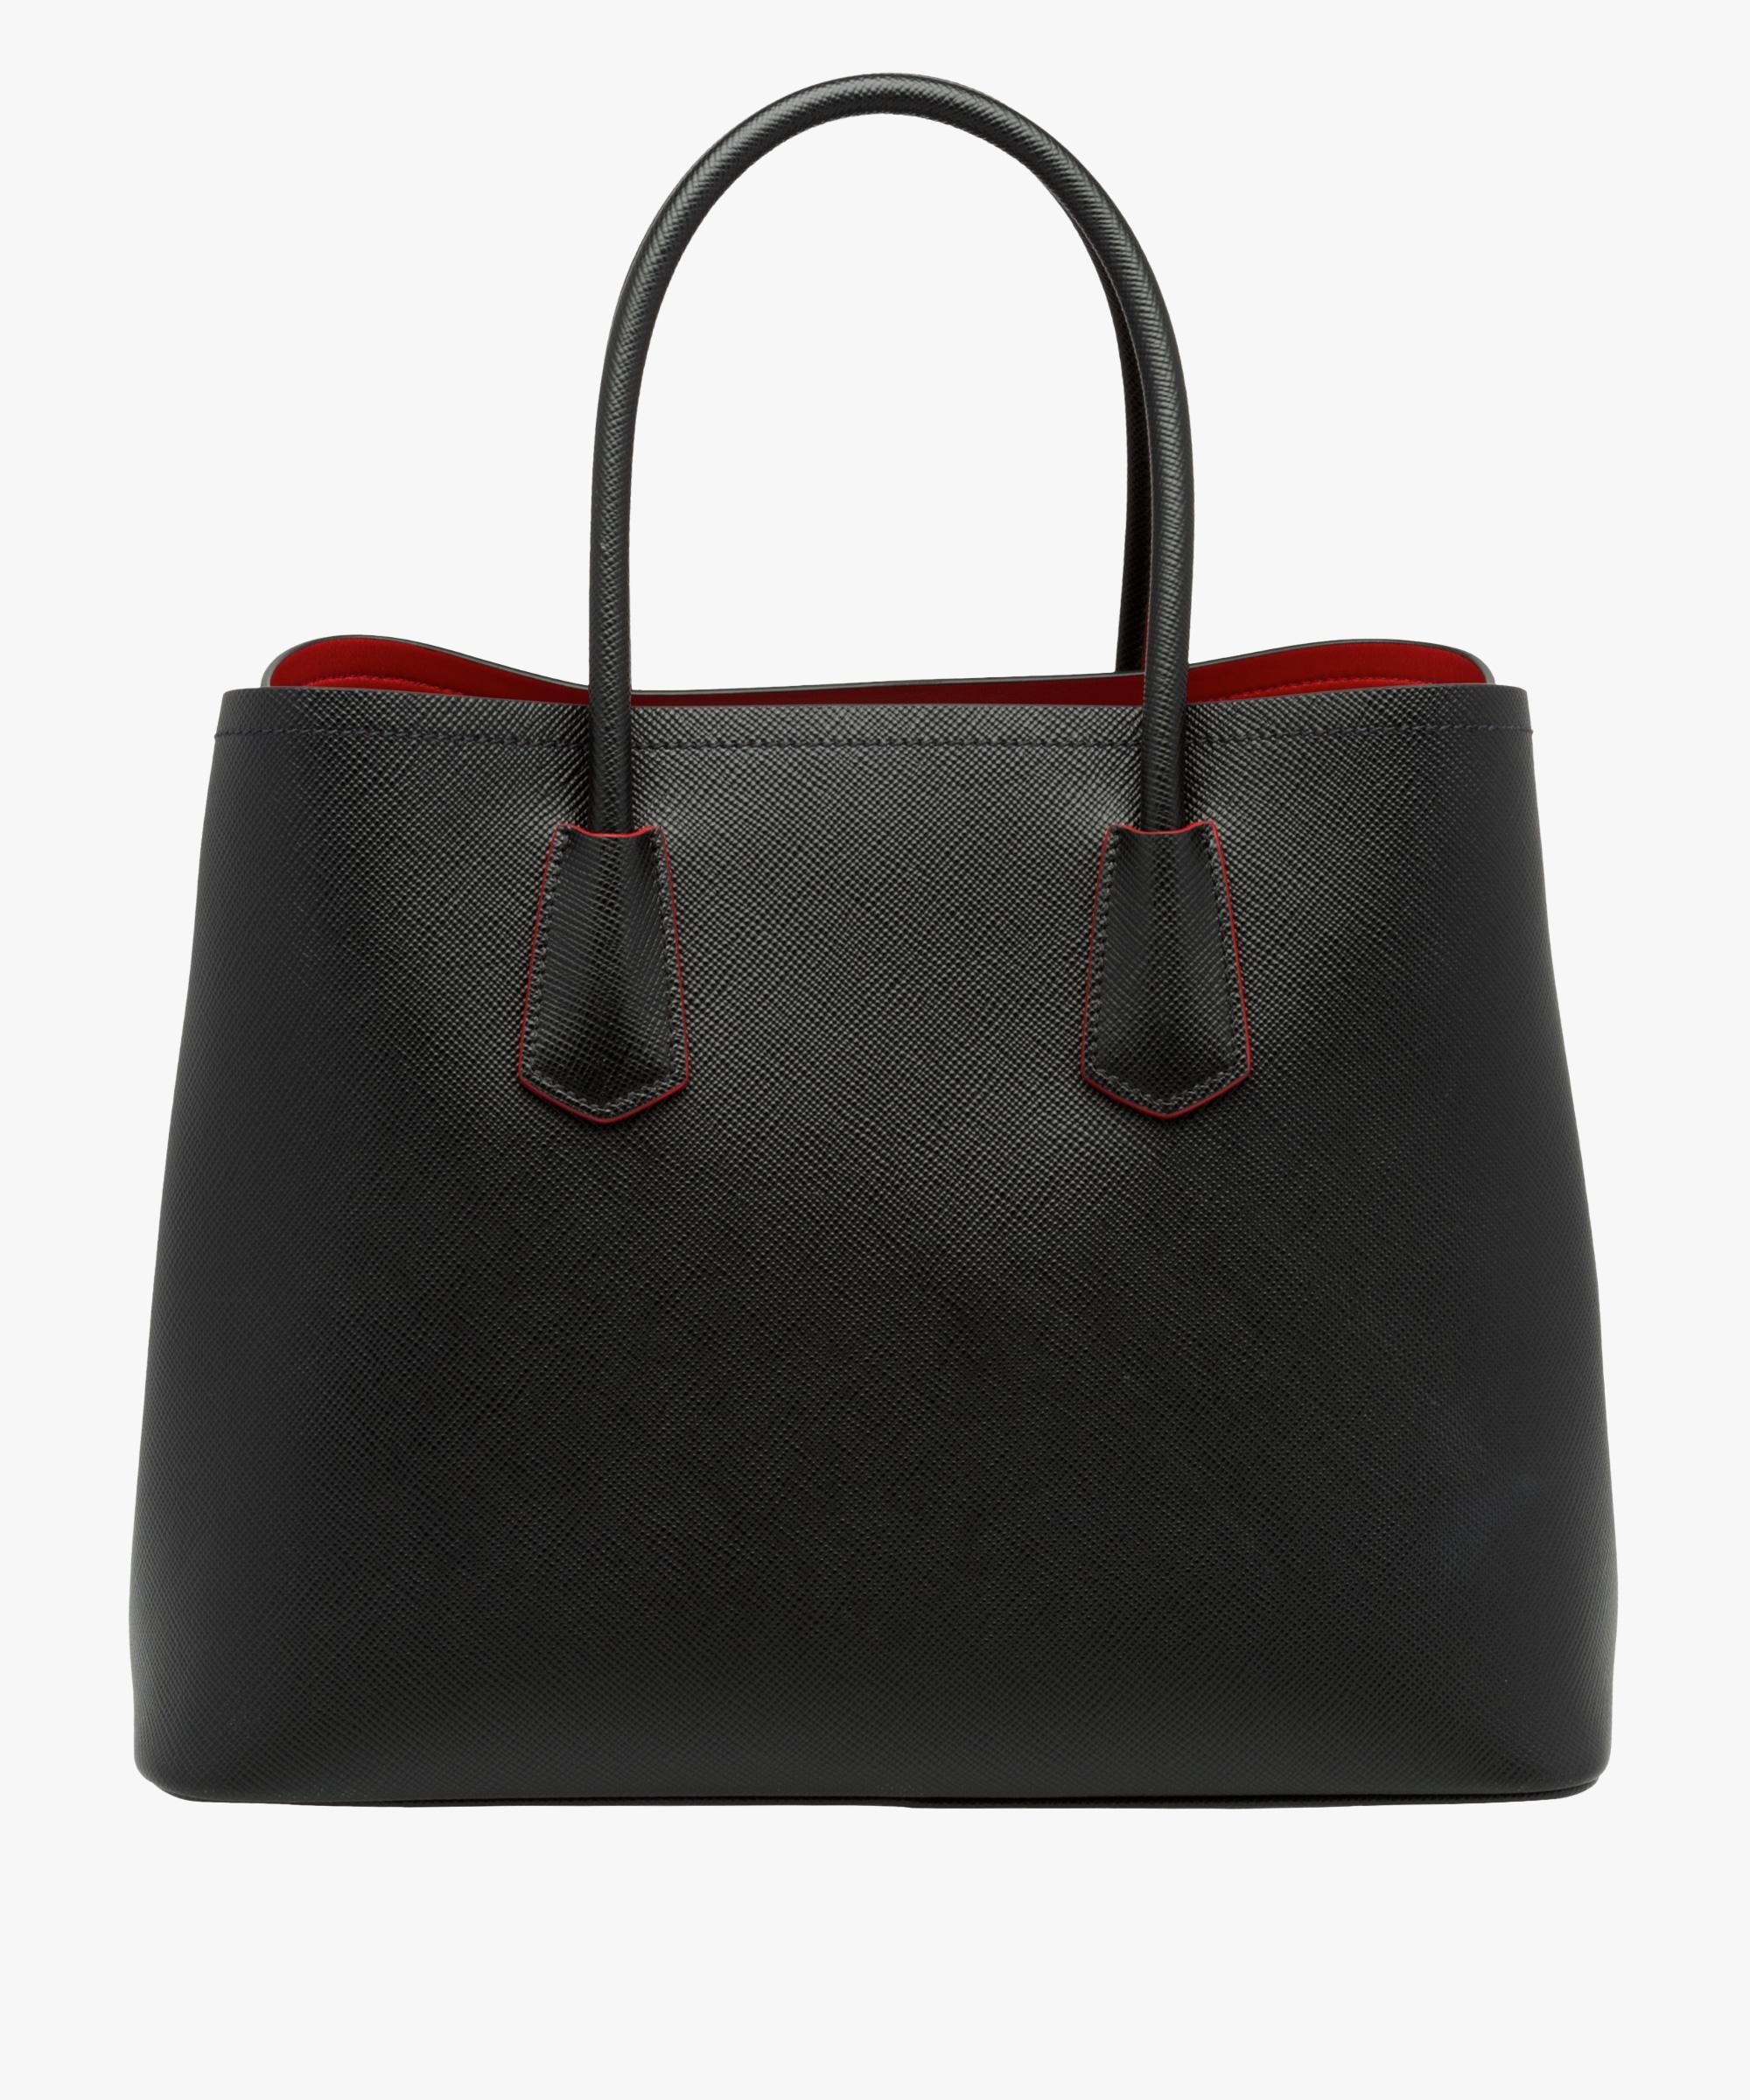 cc25a79e5874 ... Prada Double Bag Large Prada BLACK FIERY RED ...